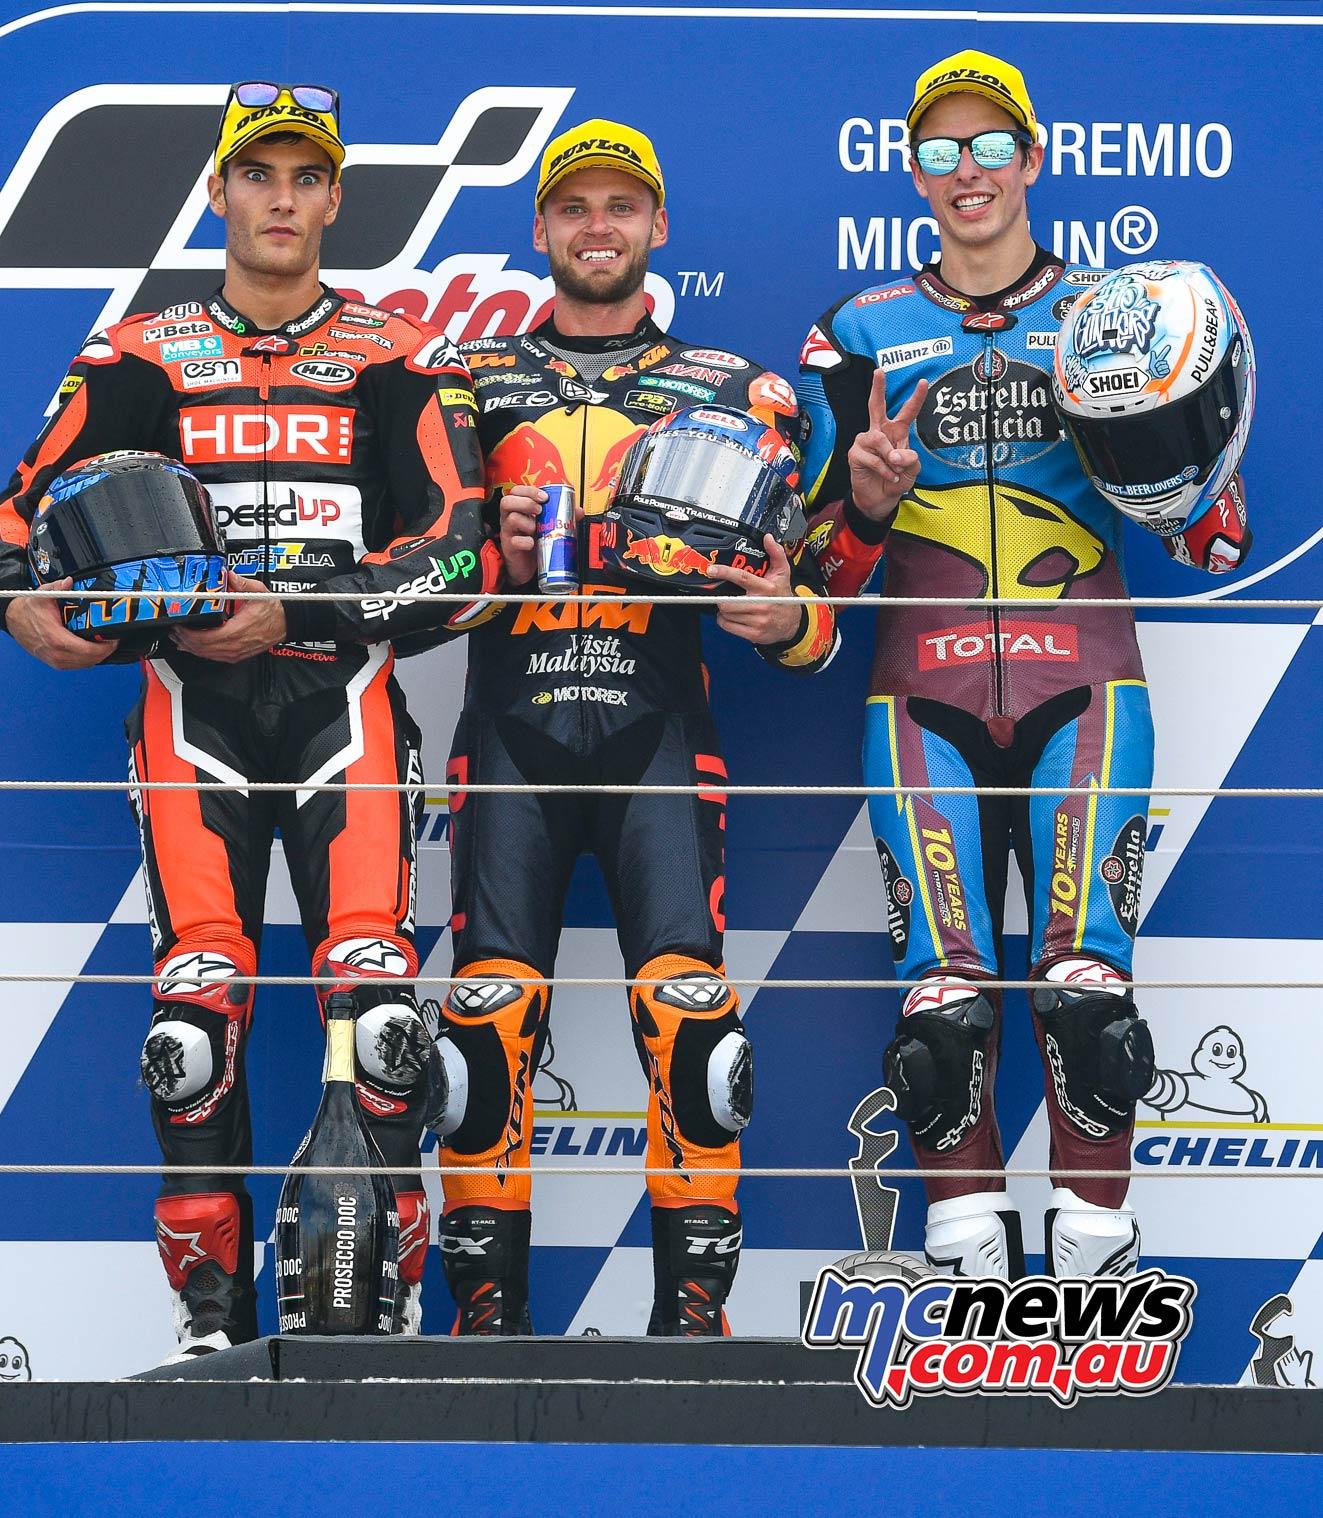 MotoGP Rnd Aragon Moto Podium Podium L R Navarro Binder Marquez